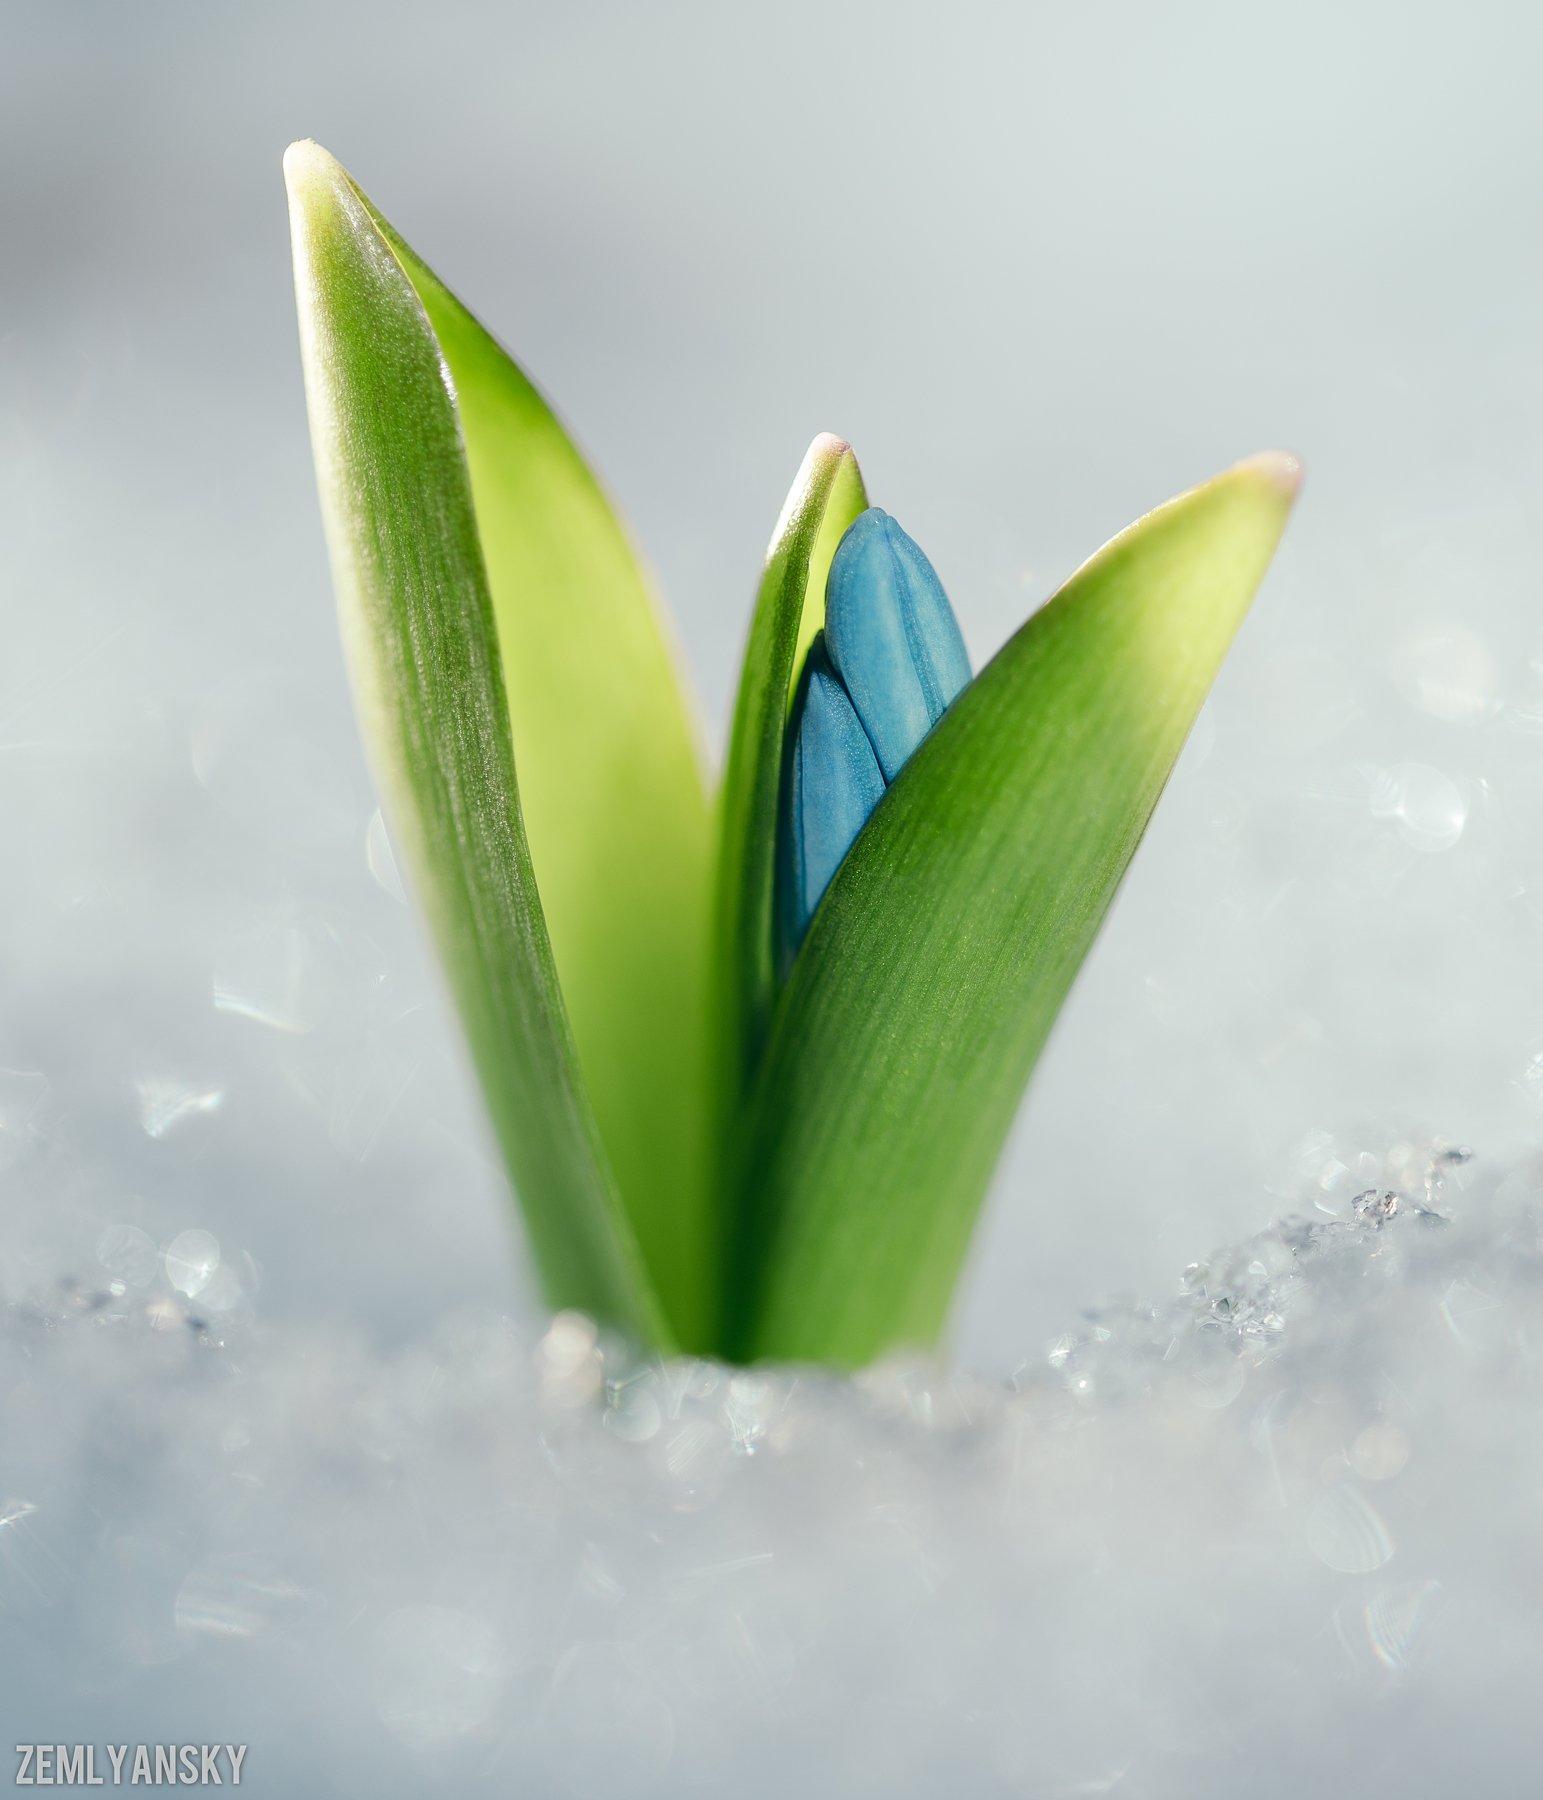 Макро, Пролеска,  Весна, Голубой, Снег, Цветы, Михаил Землянский